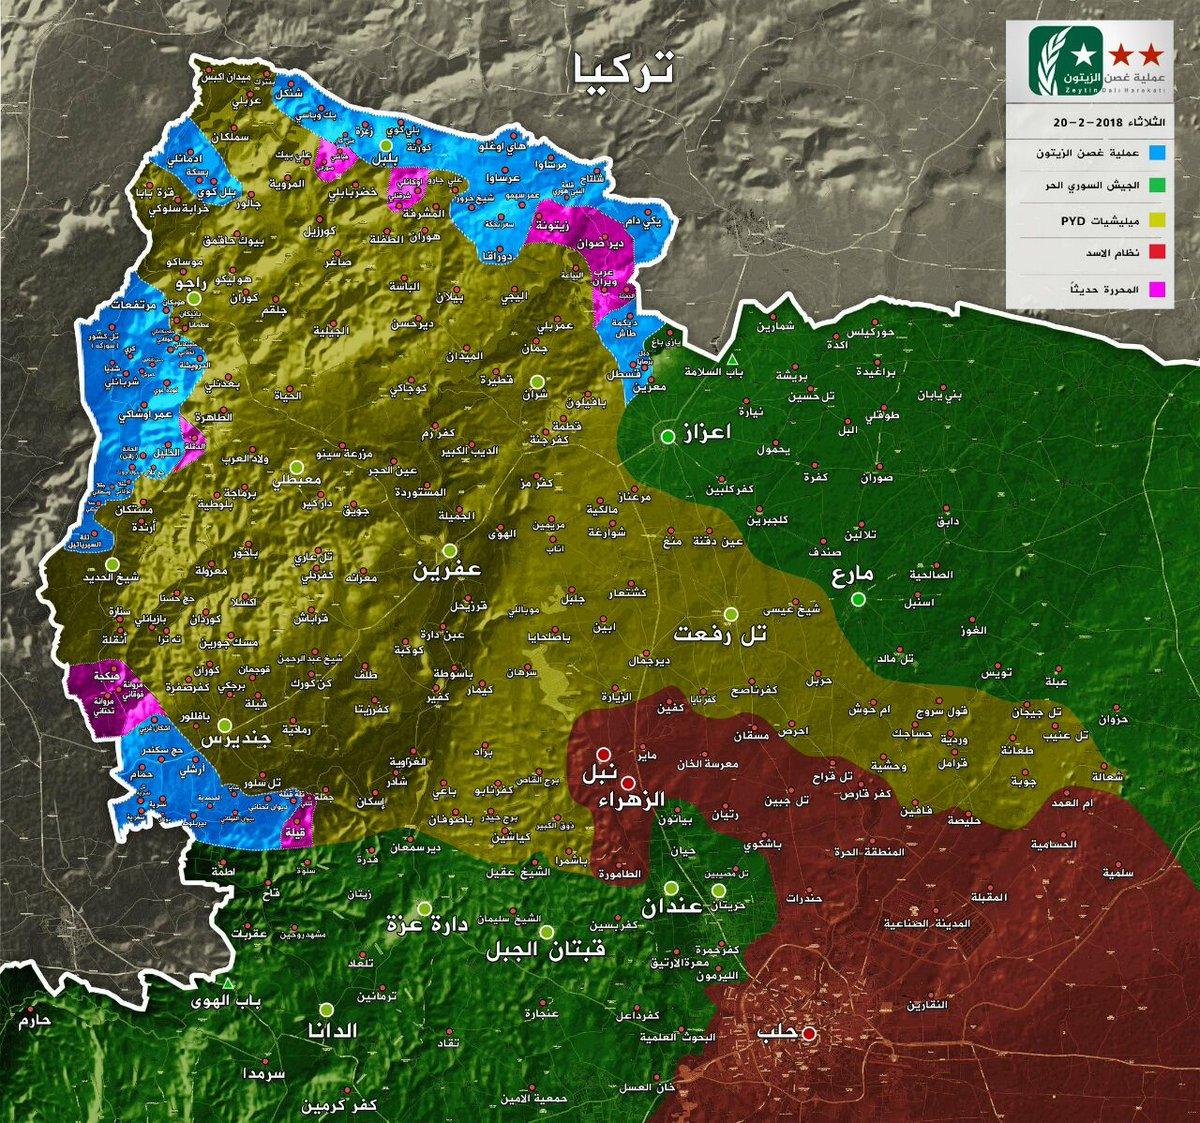 En bleu et rose, la zone d'occupation turque.